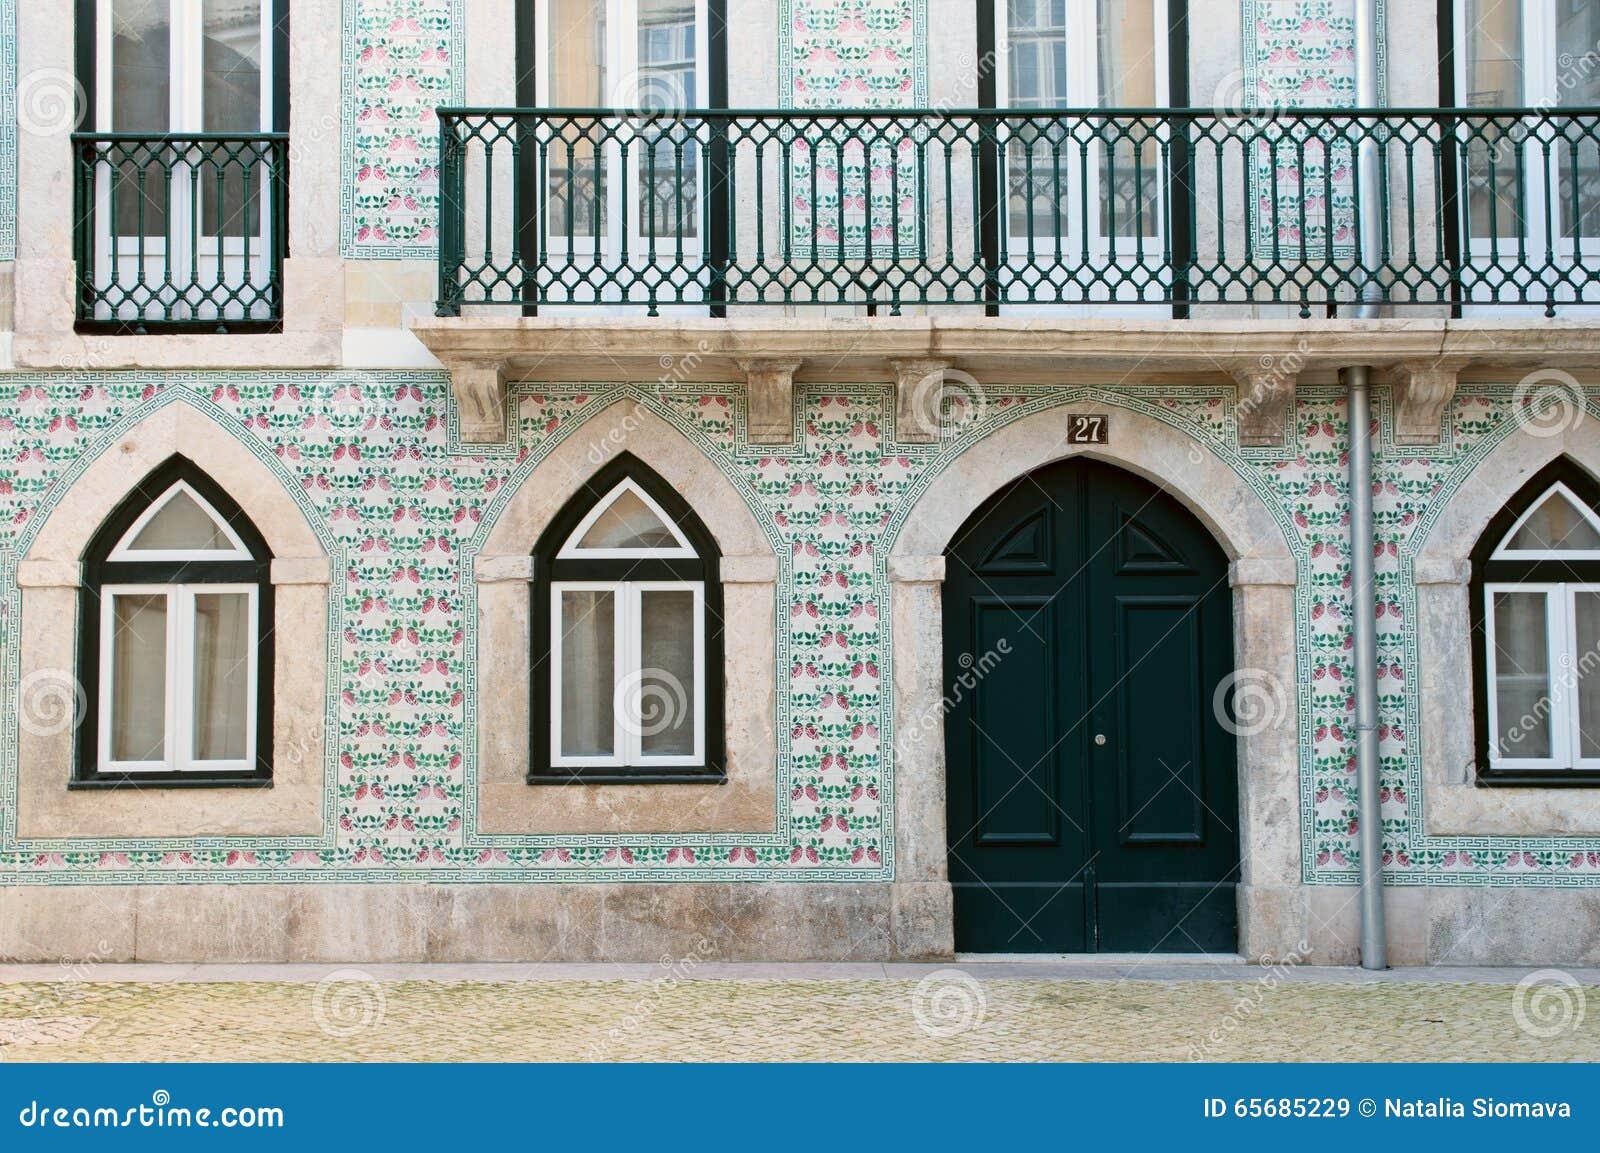 Casa portuguesa decorada com azulejo lisboa portugal for Casa de azulejos cordoba